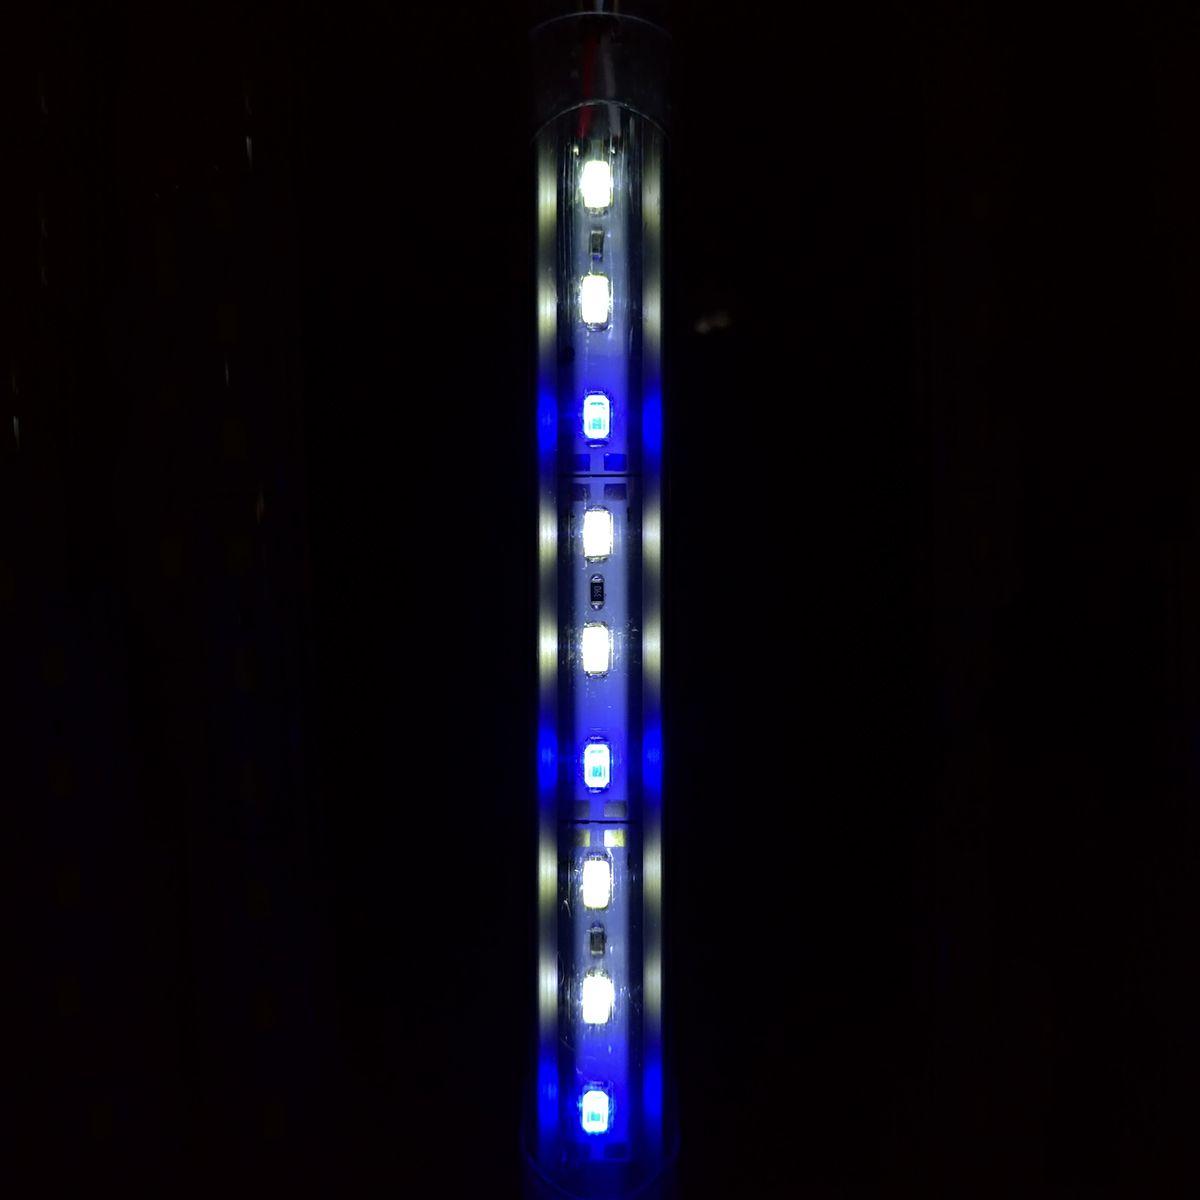 Luminária Aqualumi LED 2 BRANCOS / 1AZUL 40cm + FONTE